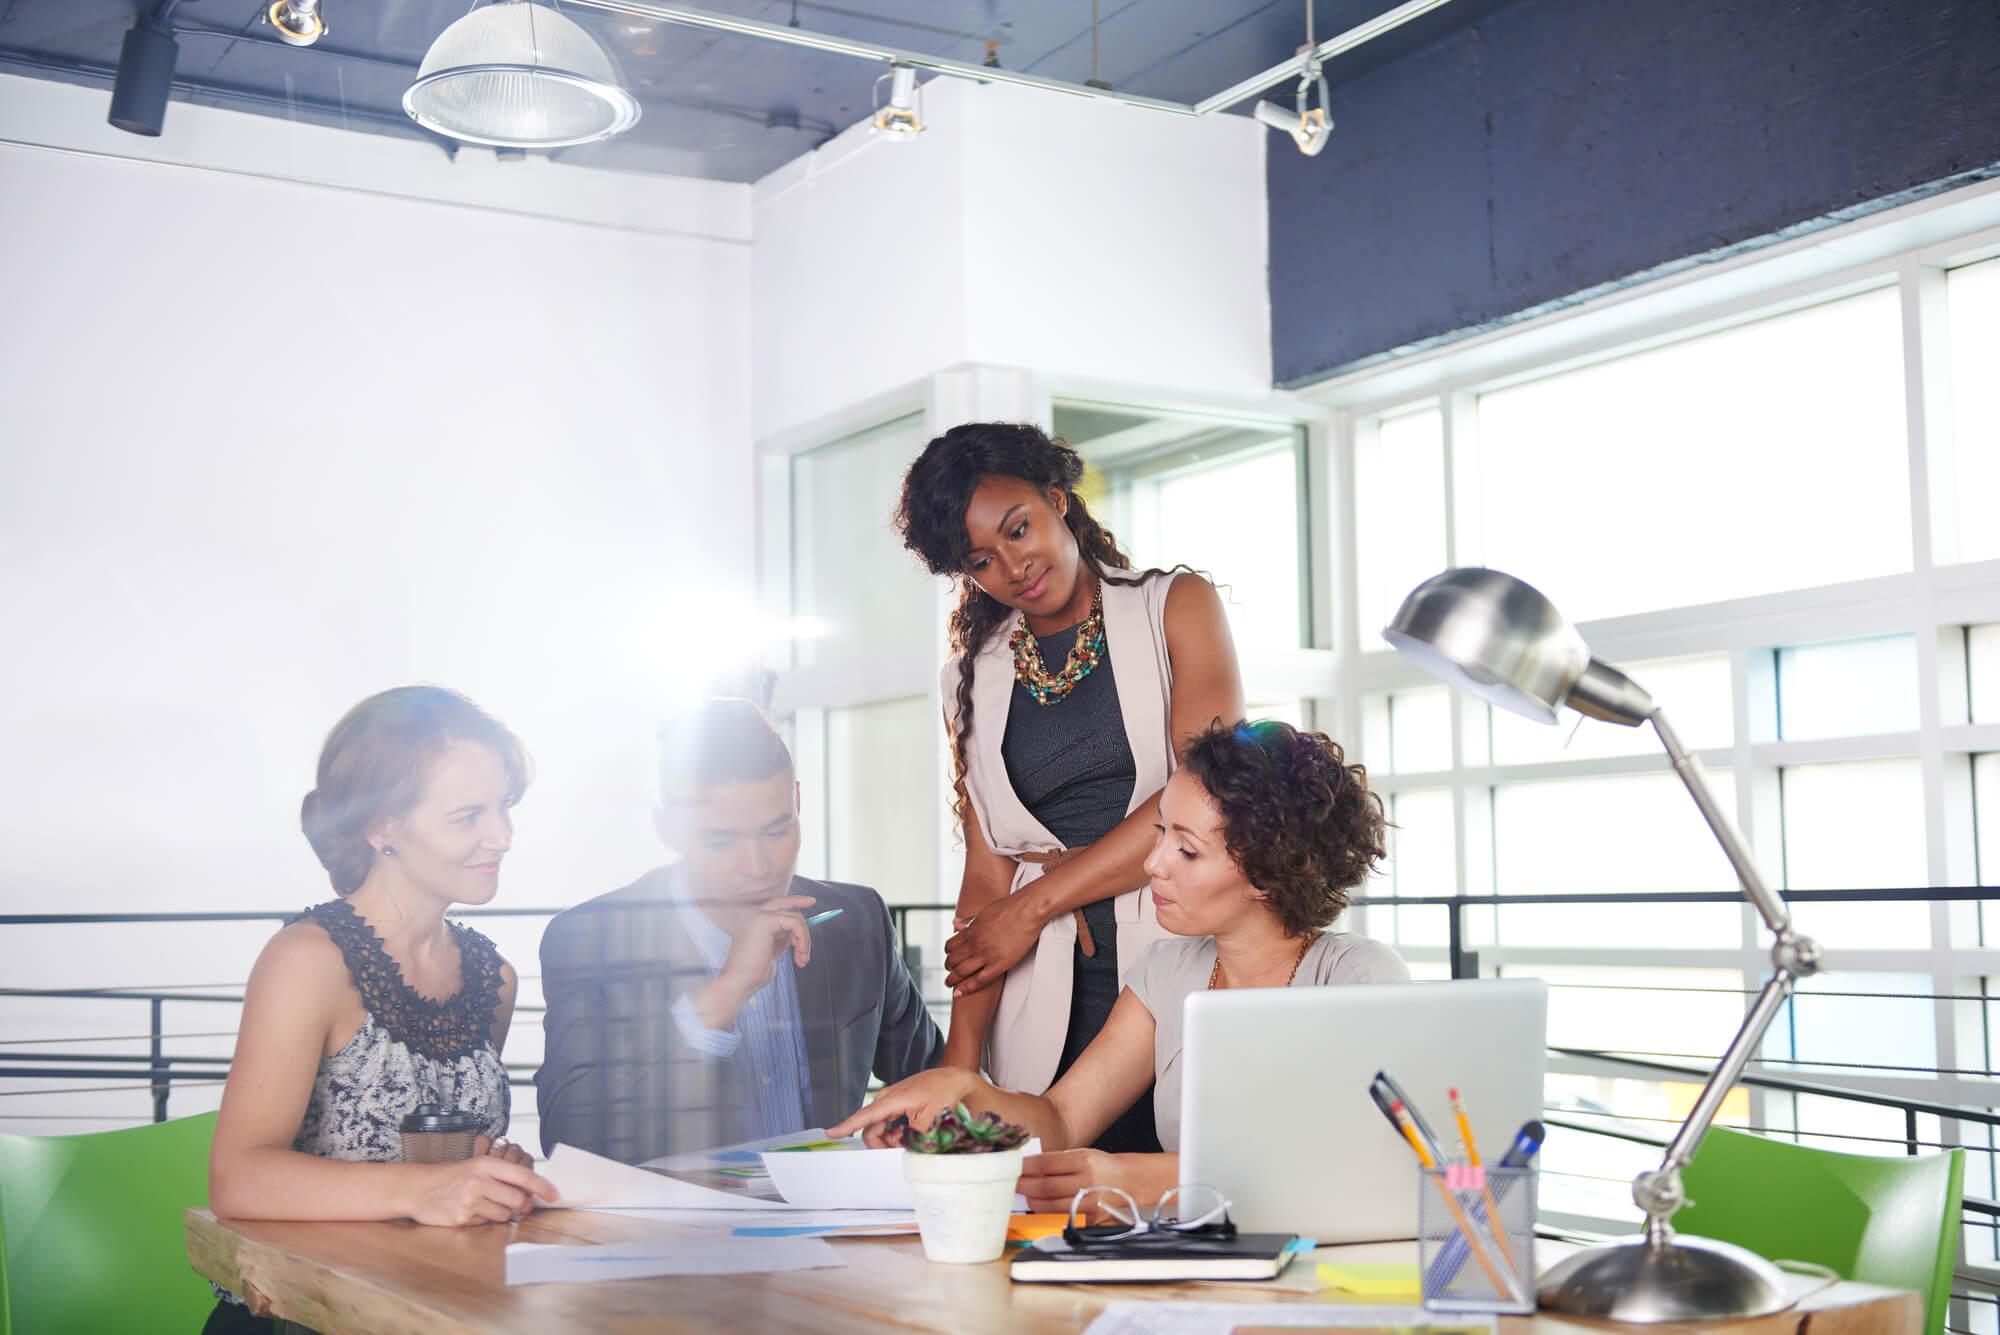 Na imagem, pessoas discutem se a empresa deles precisa de uma agência de comunicação integrada.